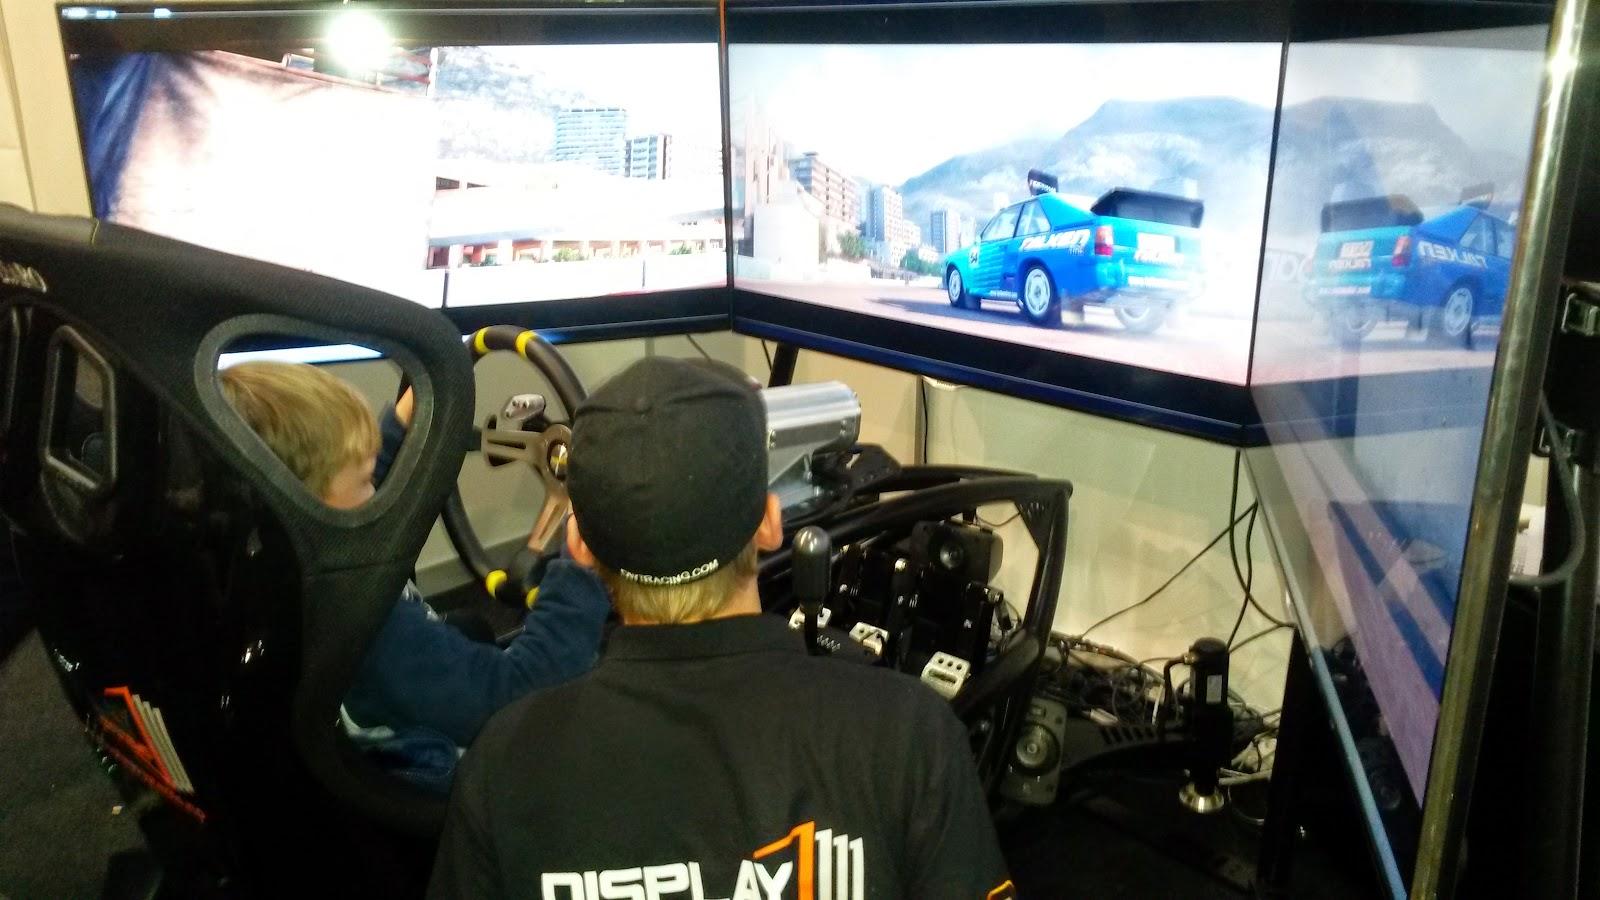 racerbil spille spill